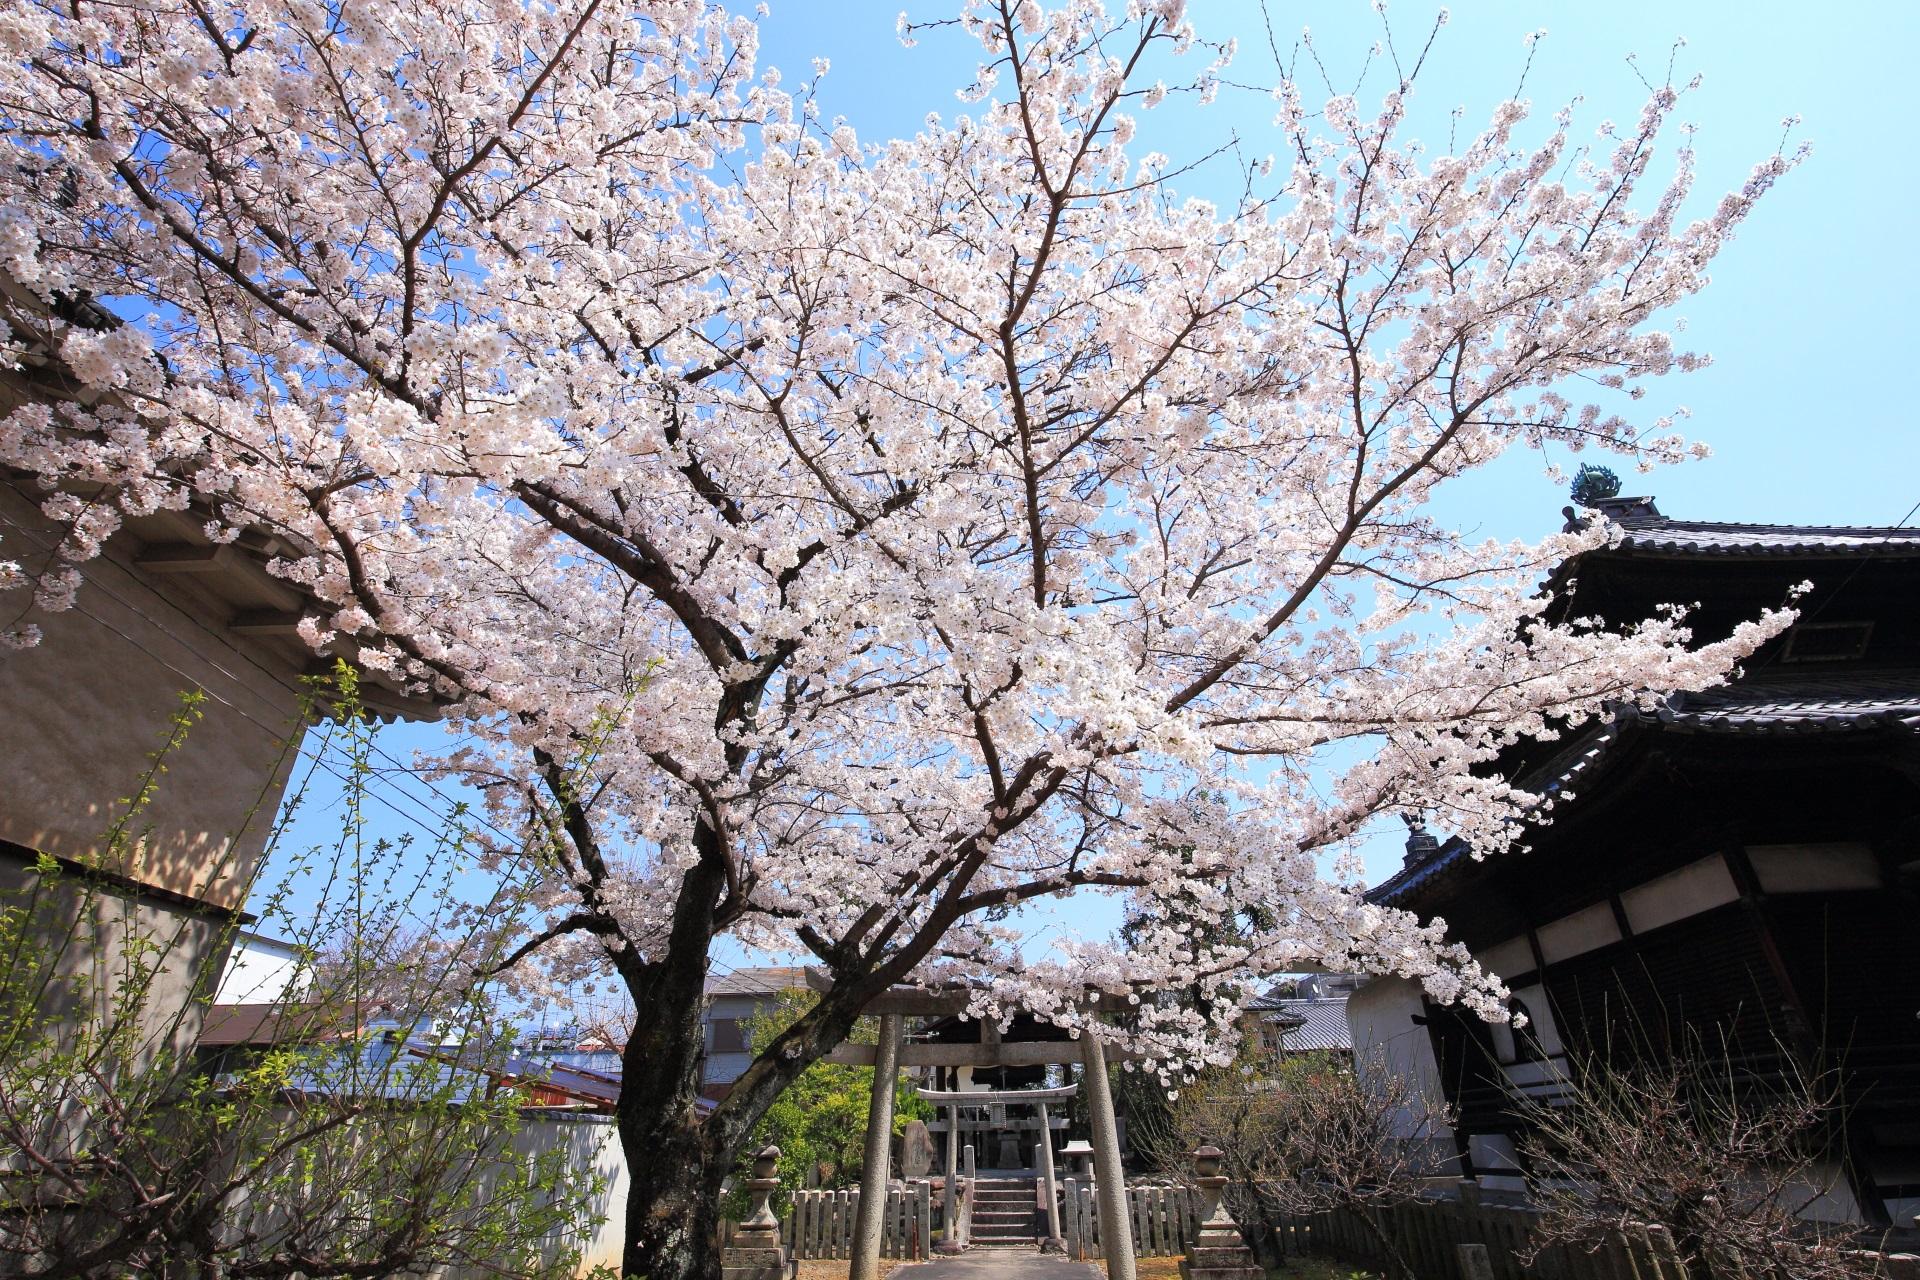 妙顕寺の慶中稲荷前の桜